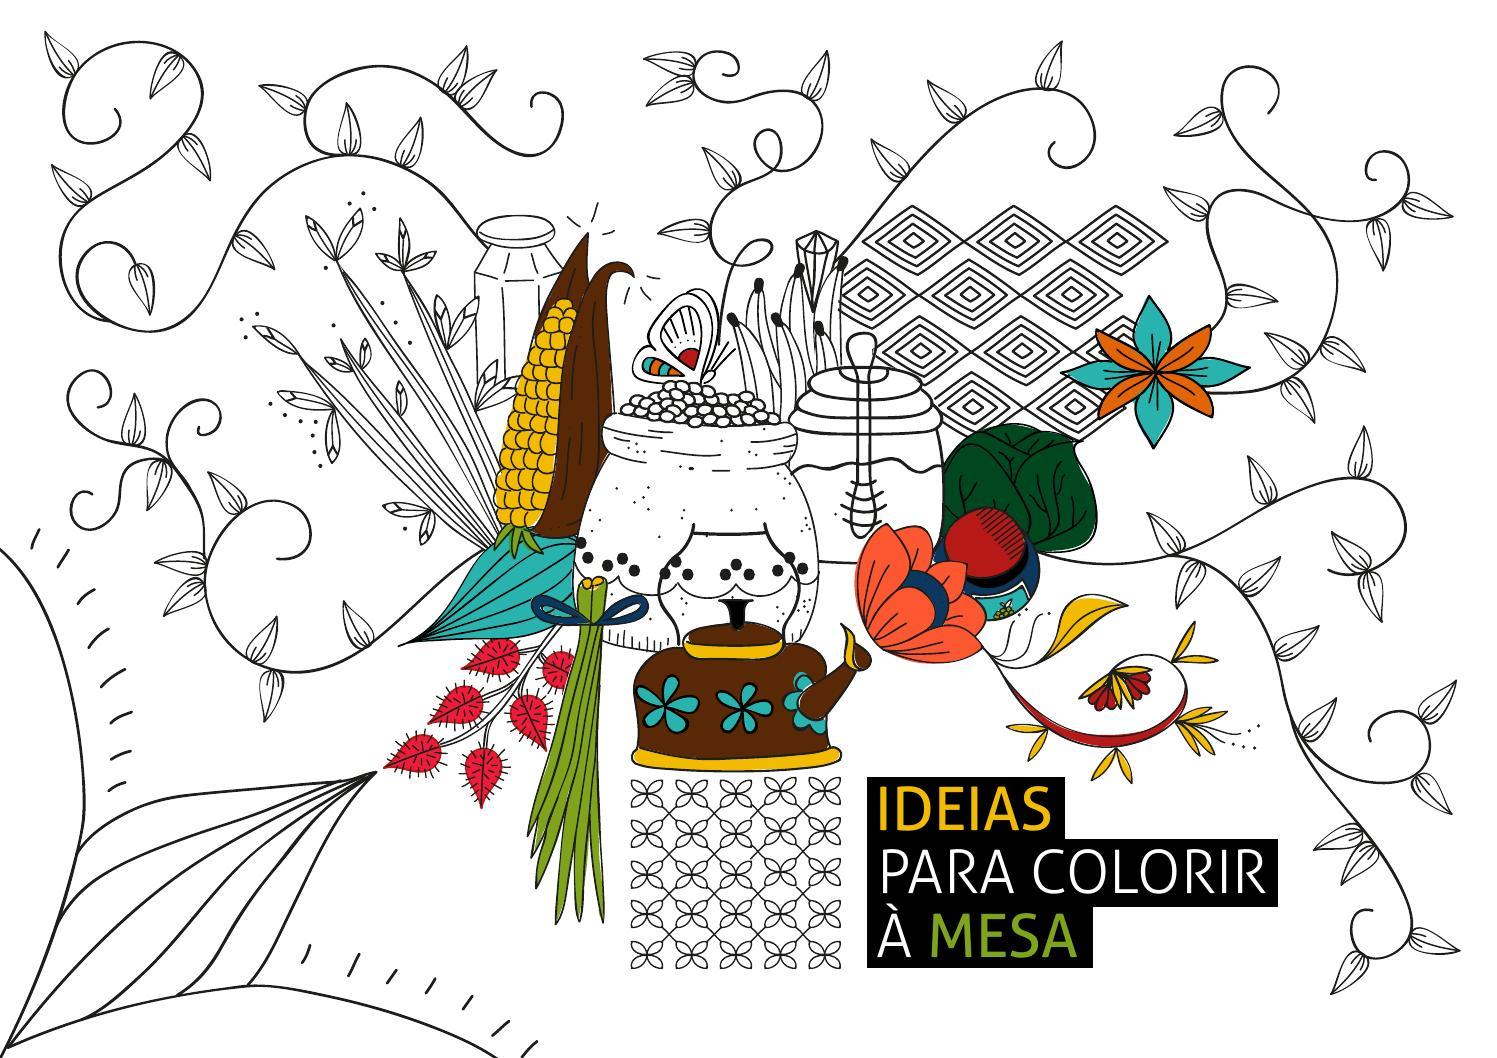 ideias para colorir à mesa by ideias na mesa issuu